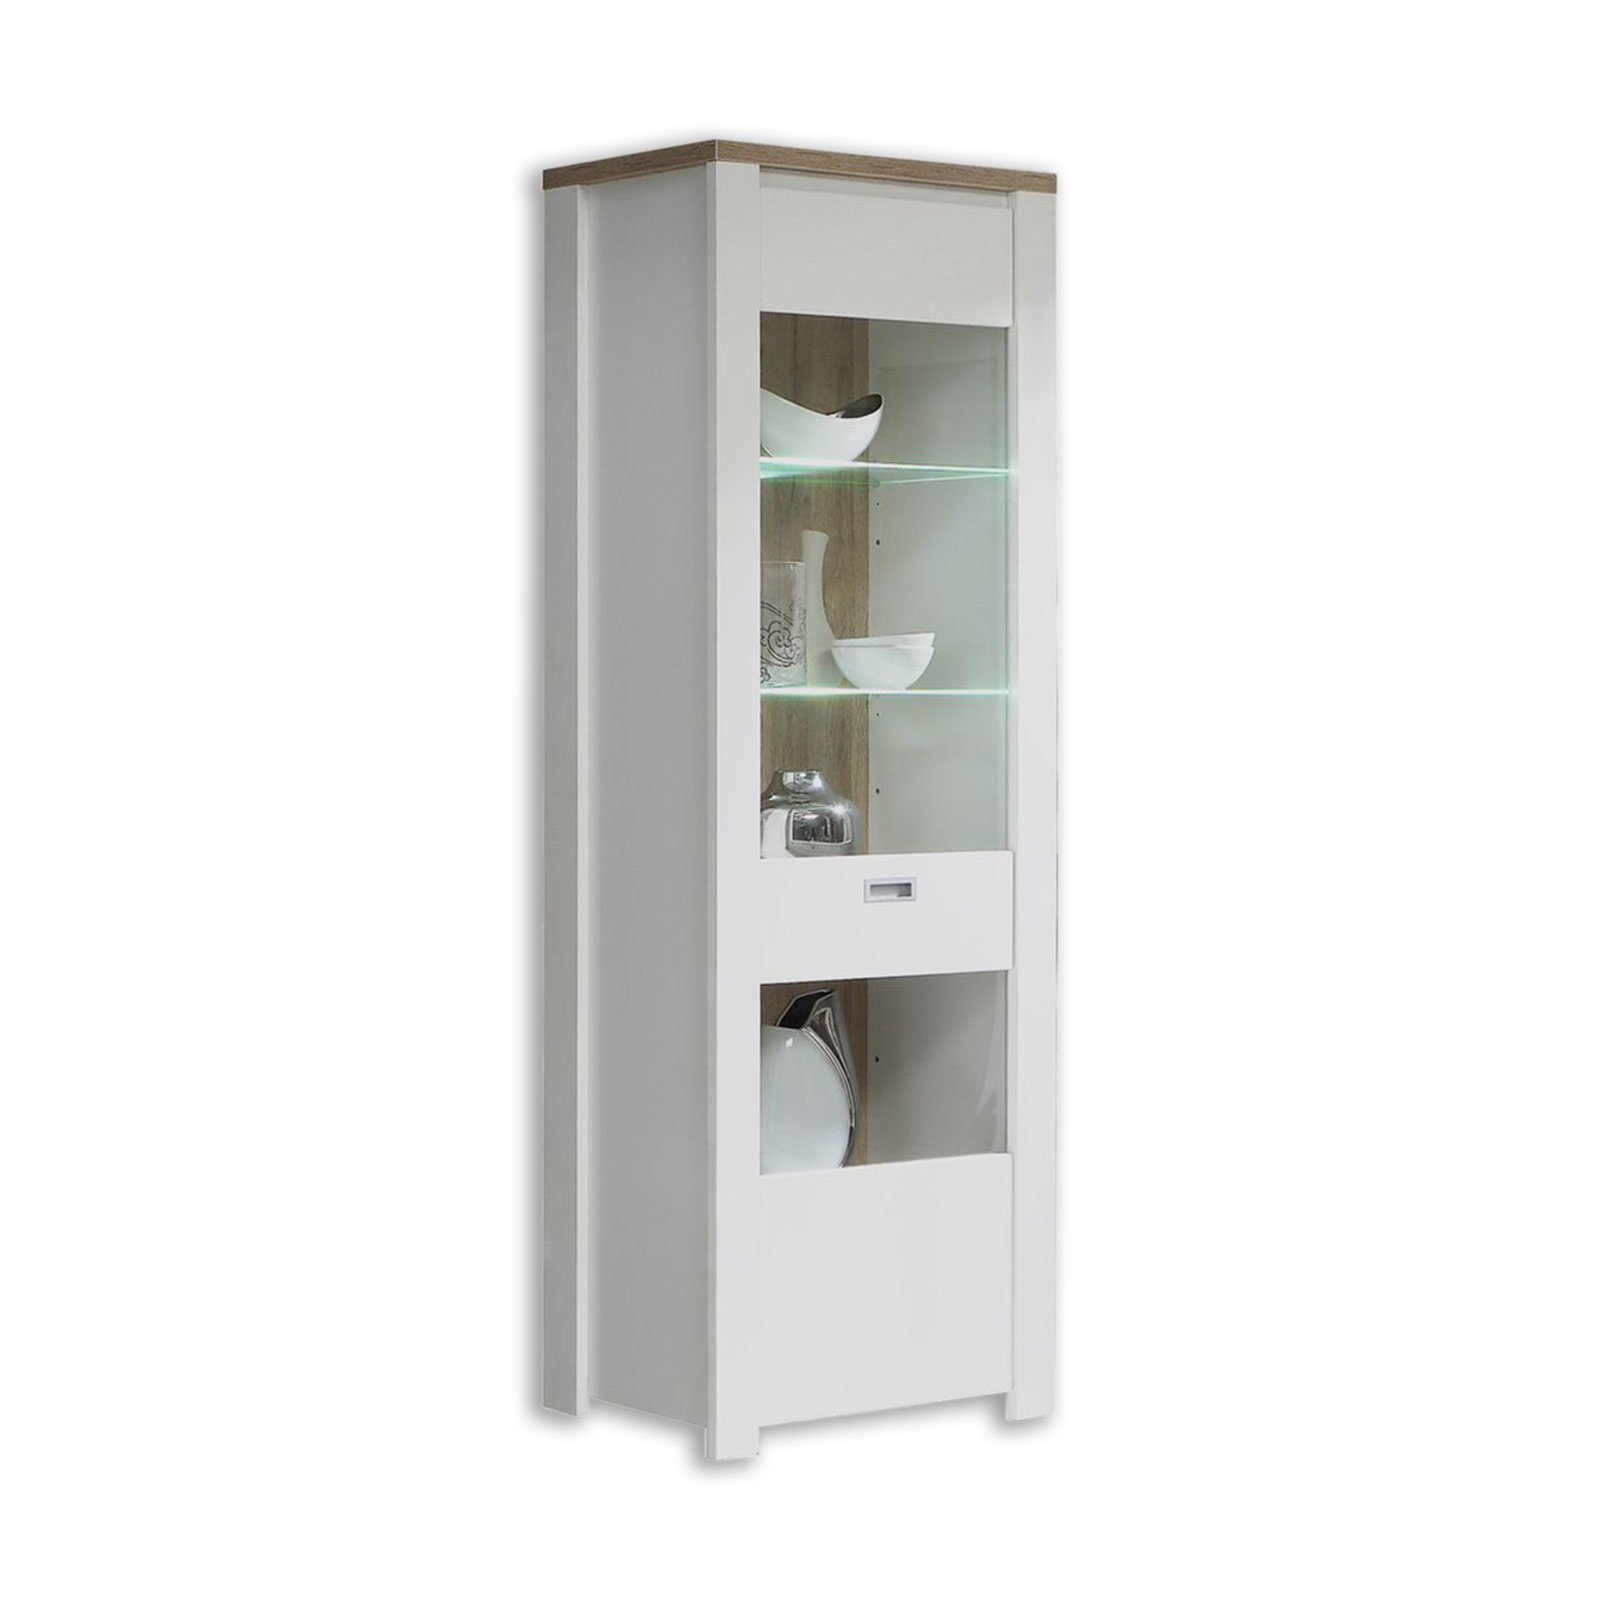 vitrine coffee cream wei bianco eiche 72 cm vitrinen wohnzimmer wohnbereiche roller. Black Bedroom Furniture Sets. Home Design Ideas